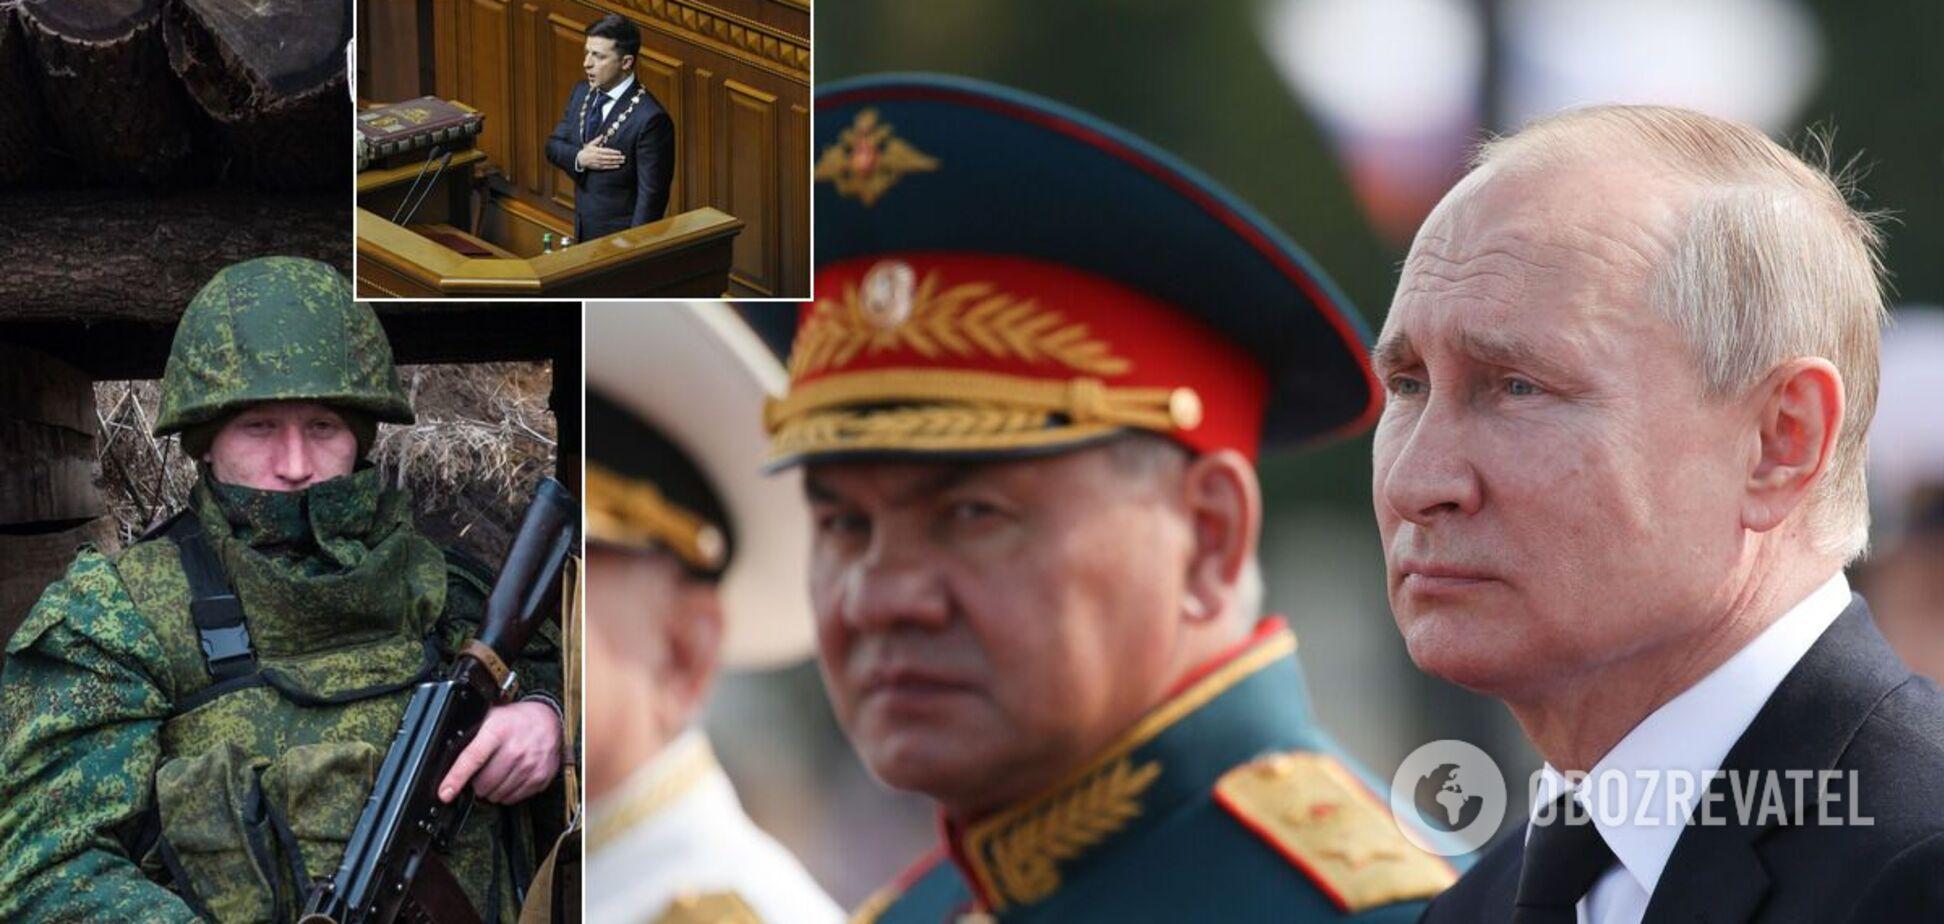 Військовий експерт: у Росії є стратегія тиску на Україну, Зеленський став заручником